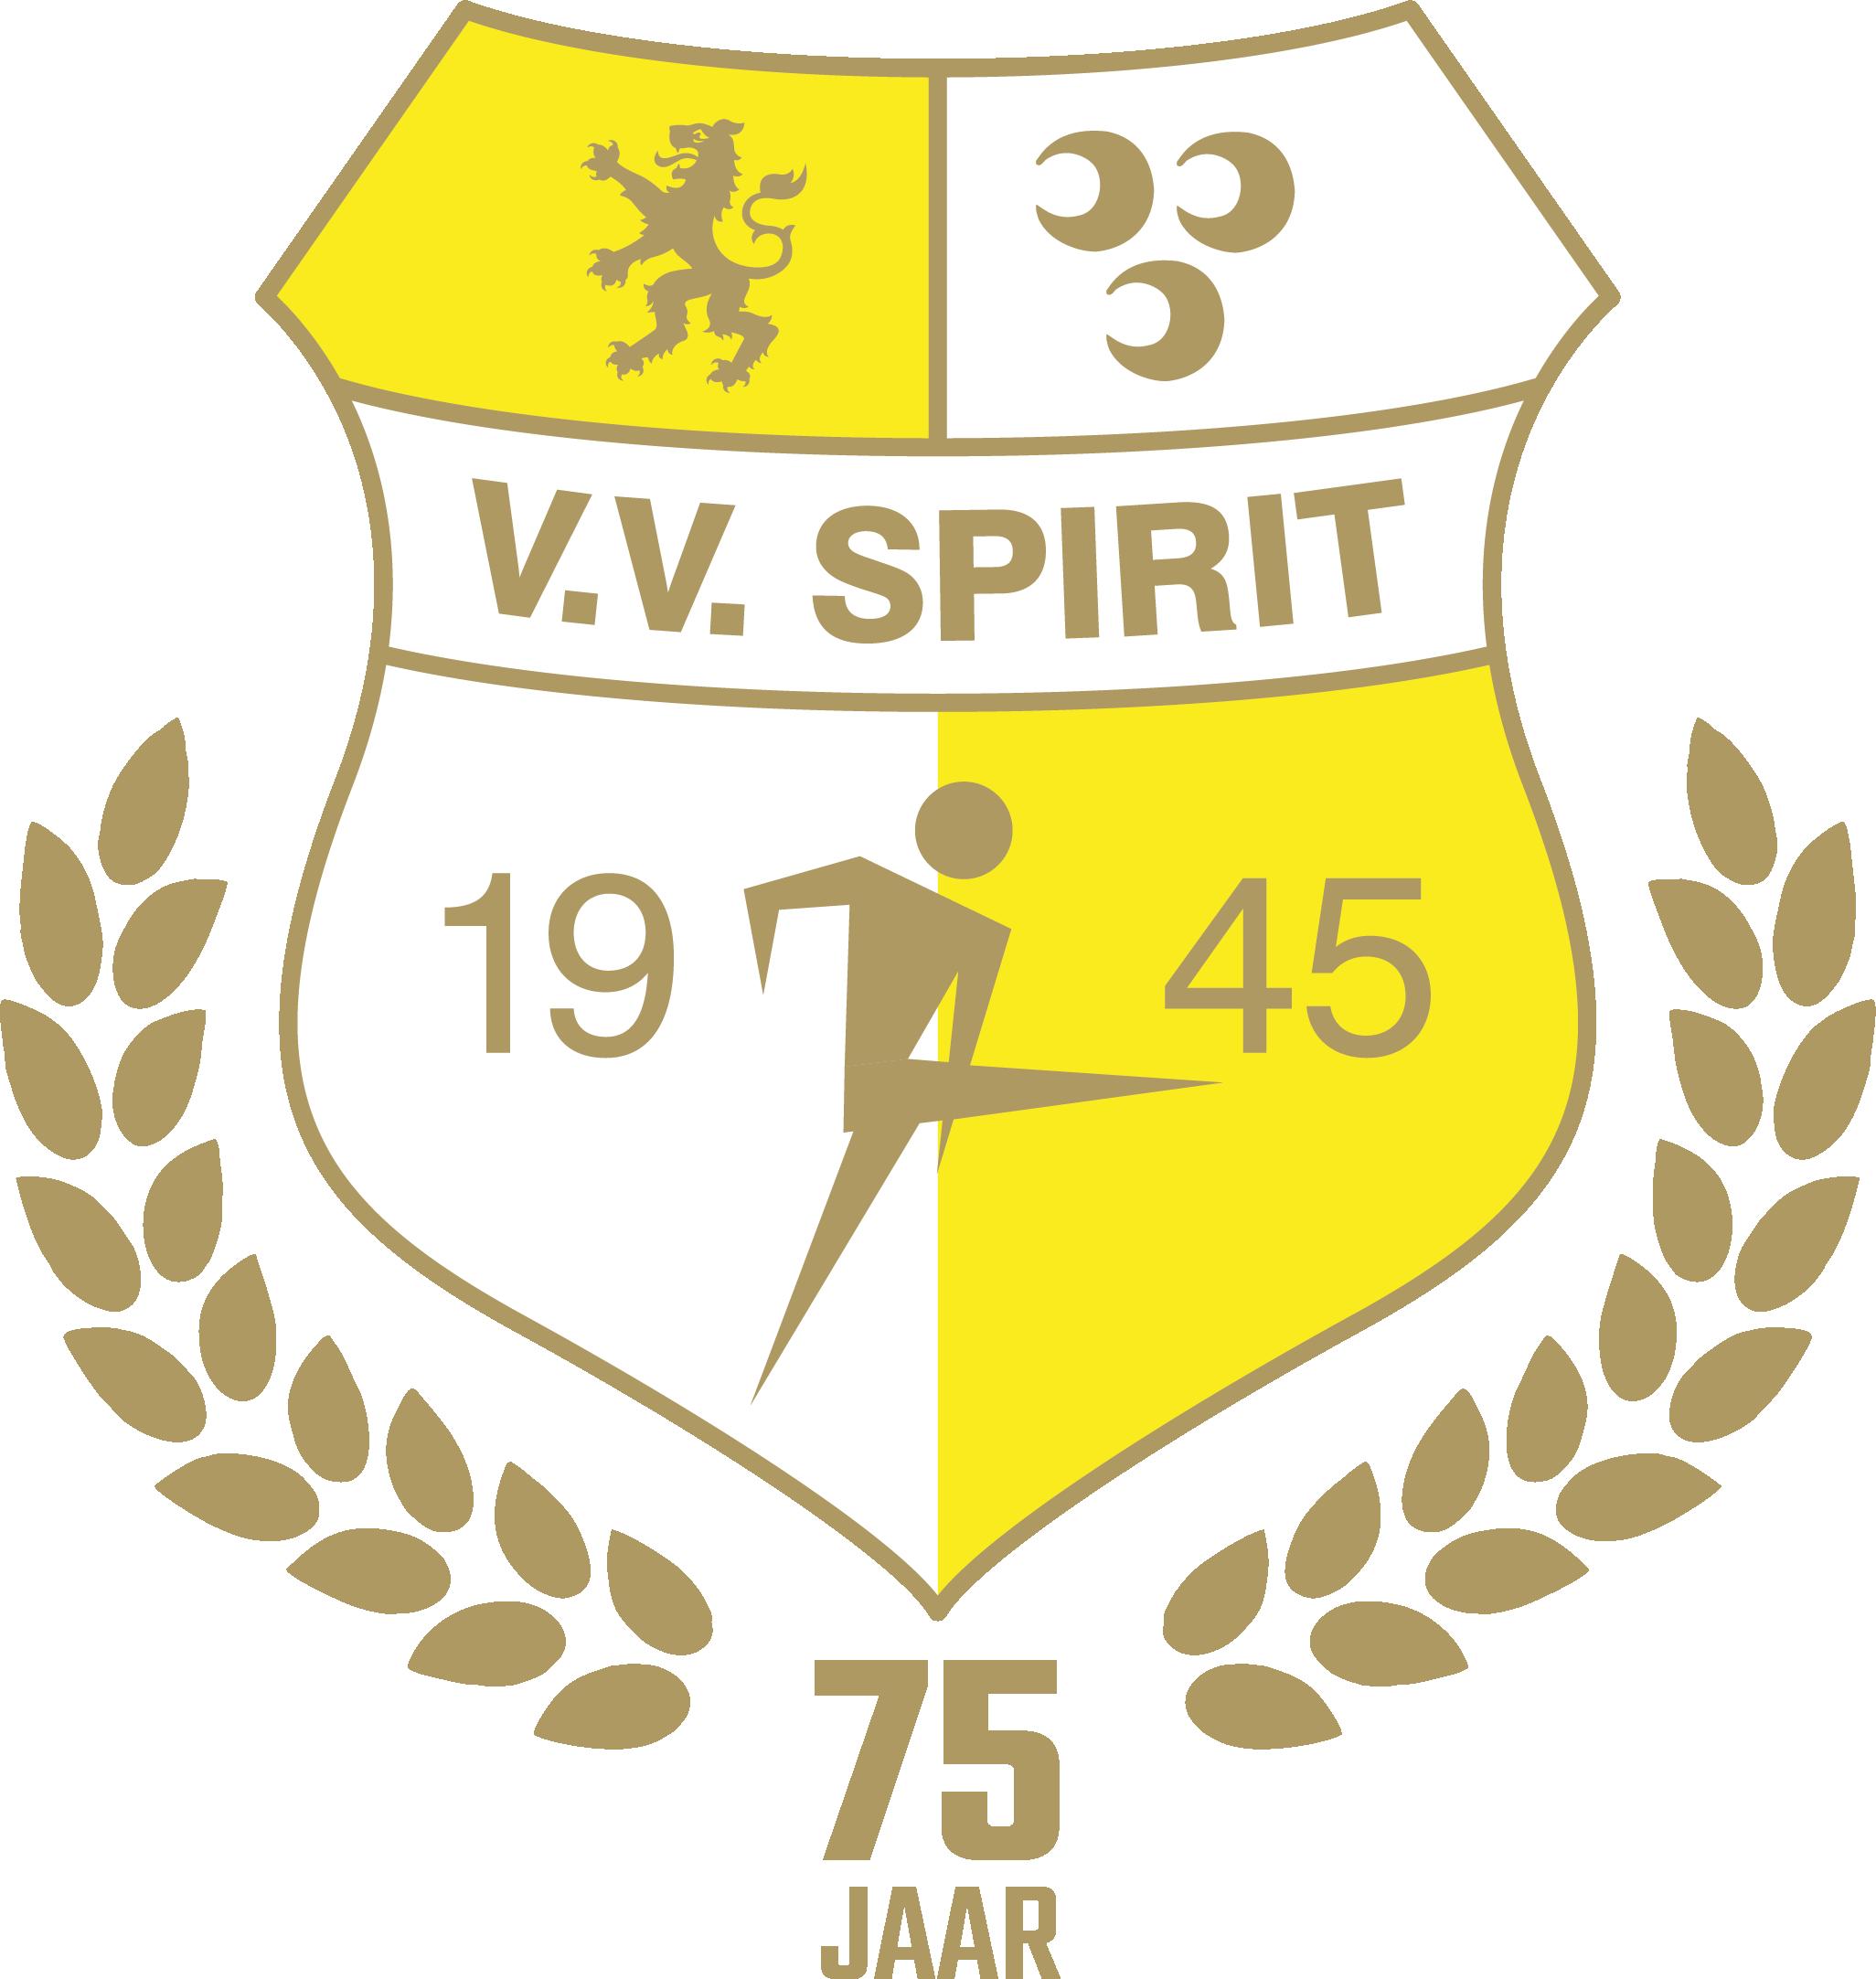 Zaterdag 16 oktober, 18.00 uur: Officiële aftrap Spirit 75 jaar!